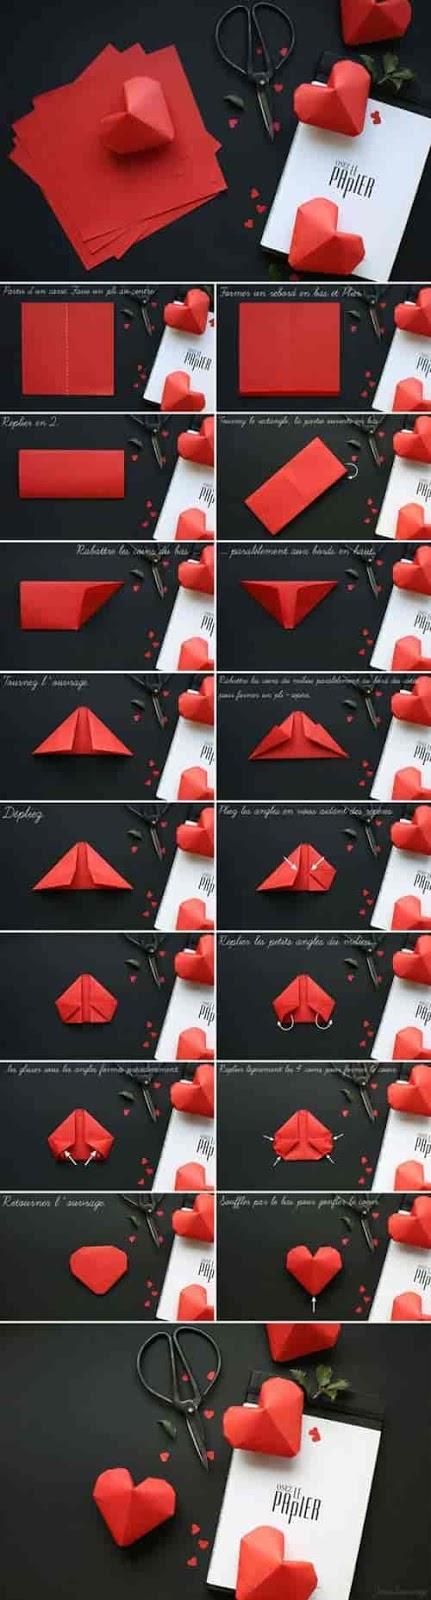 10 أفكار بالورق الملون